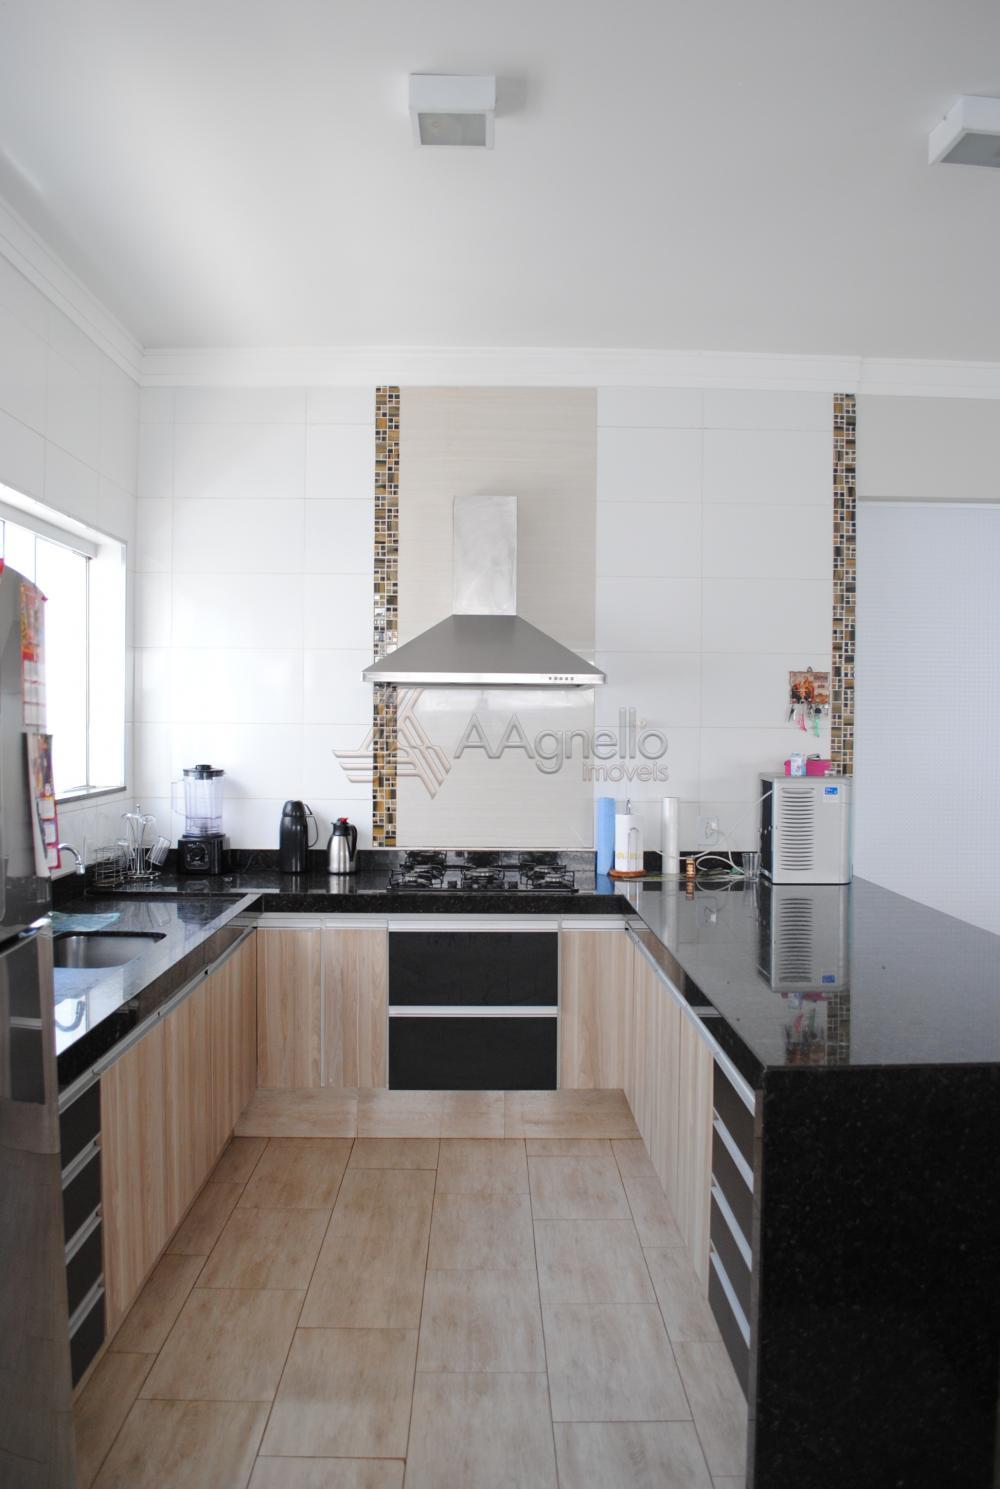 Comprar Casa / Chácara em Franca apenas R$ 1.200.000,00 - Foto 11